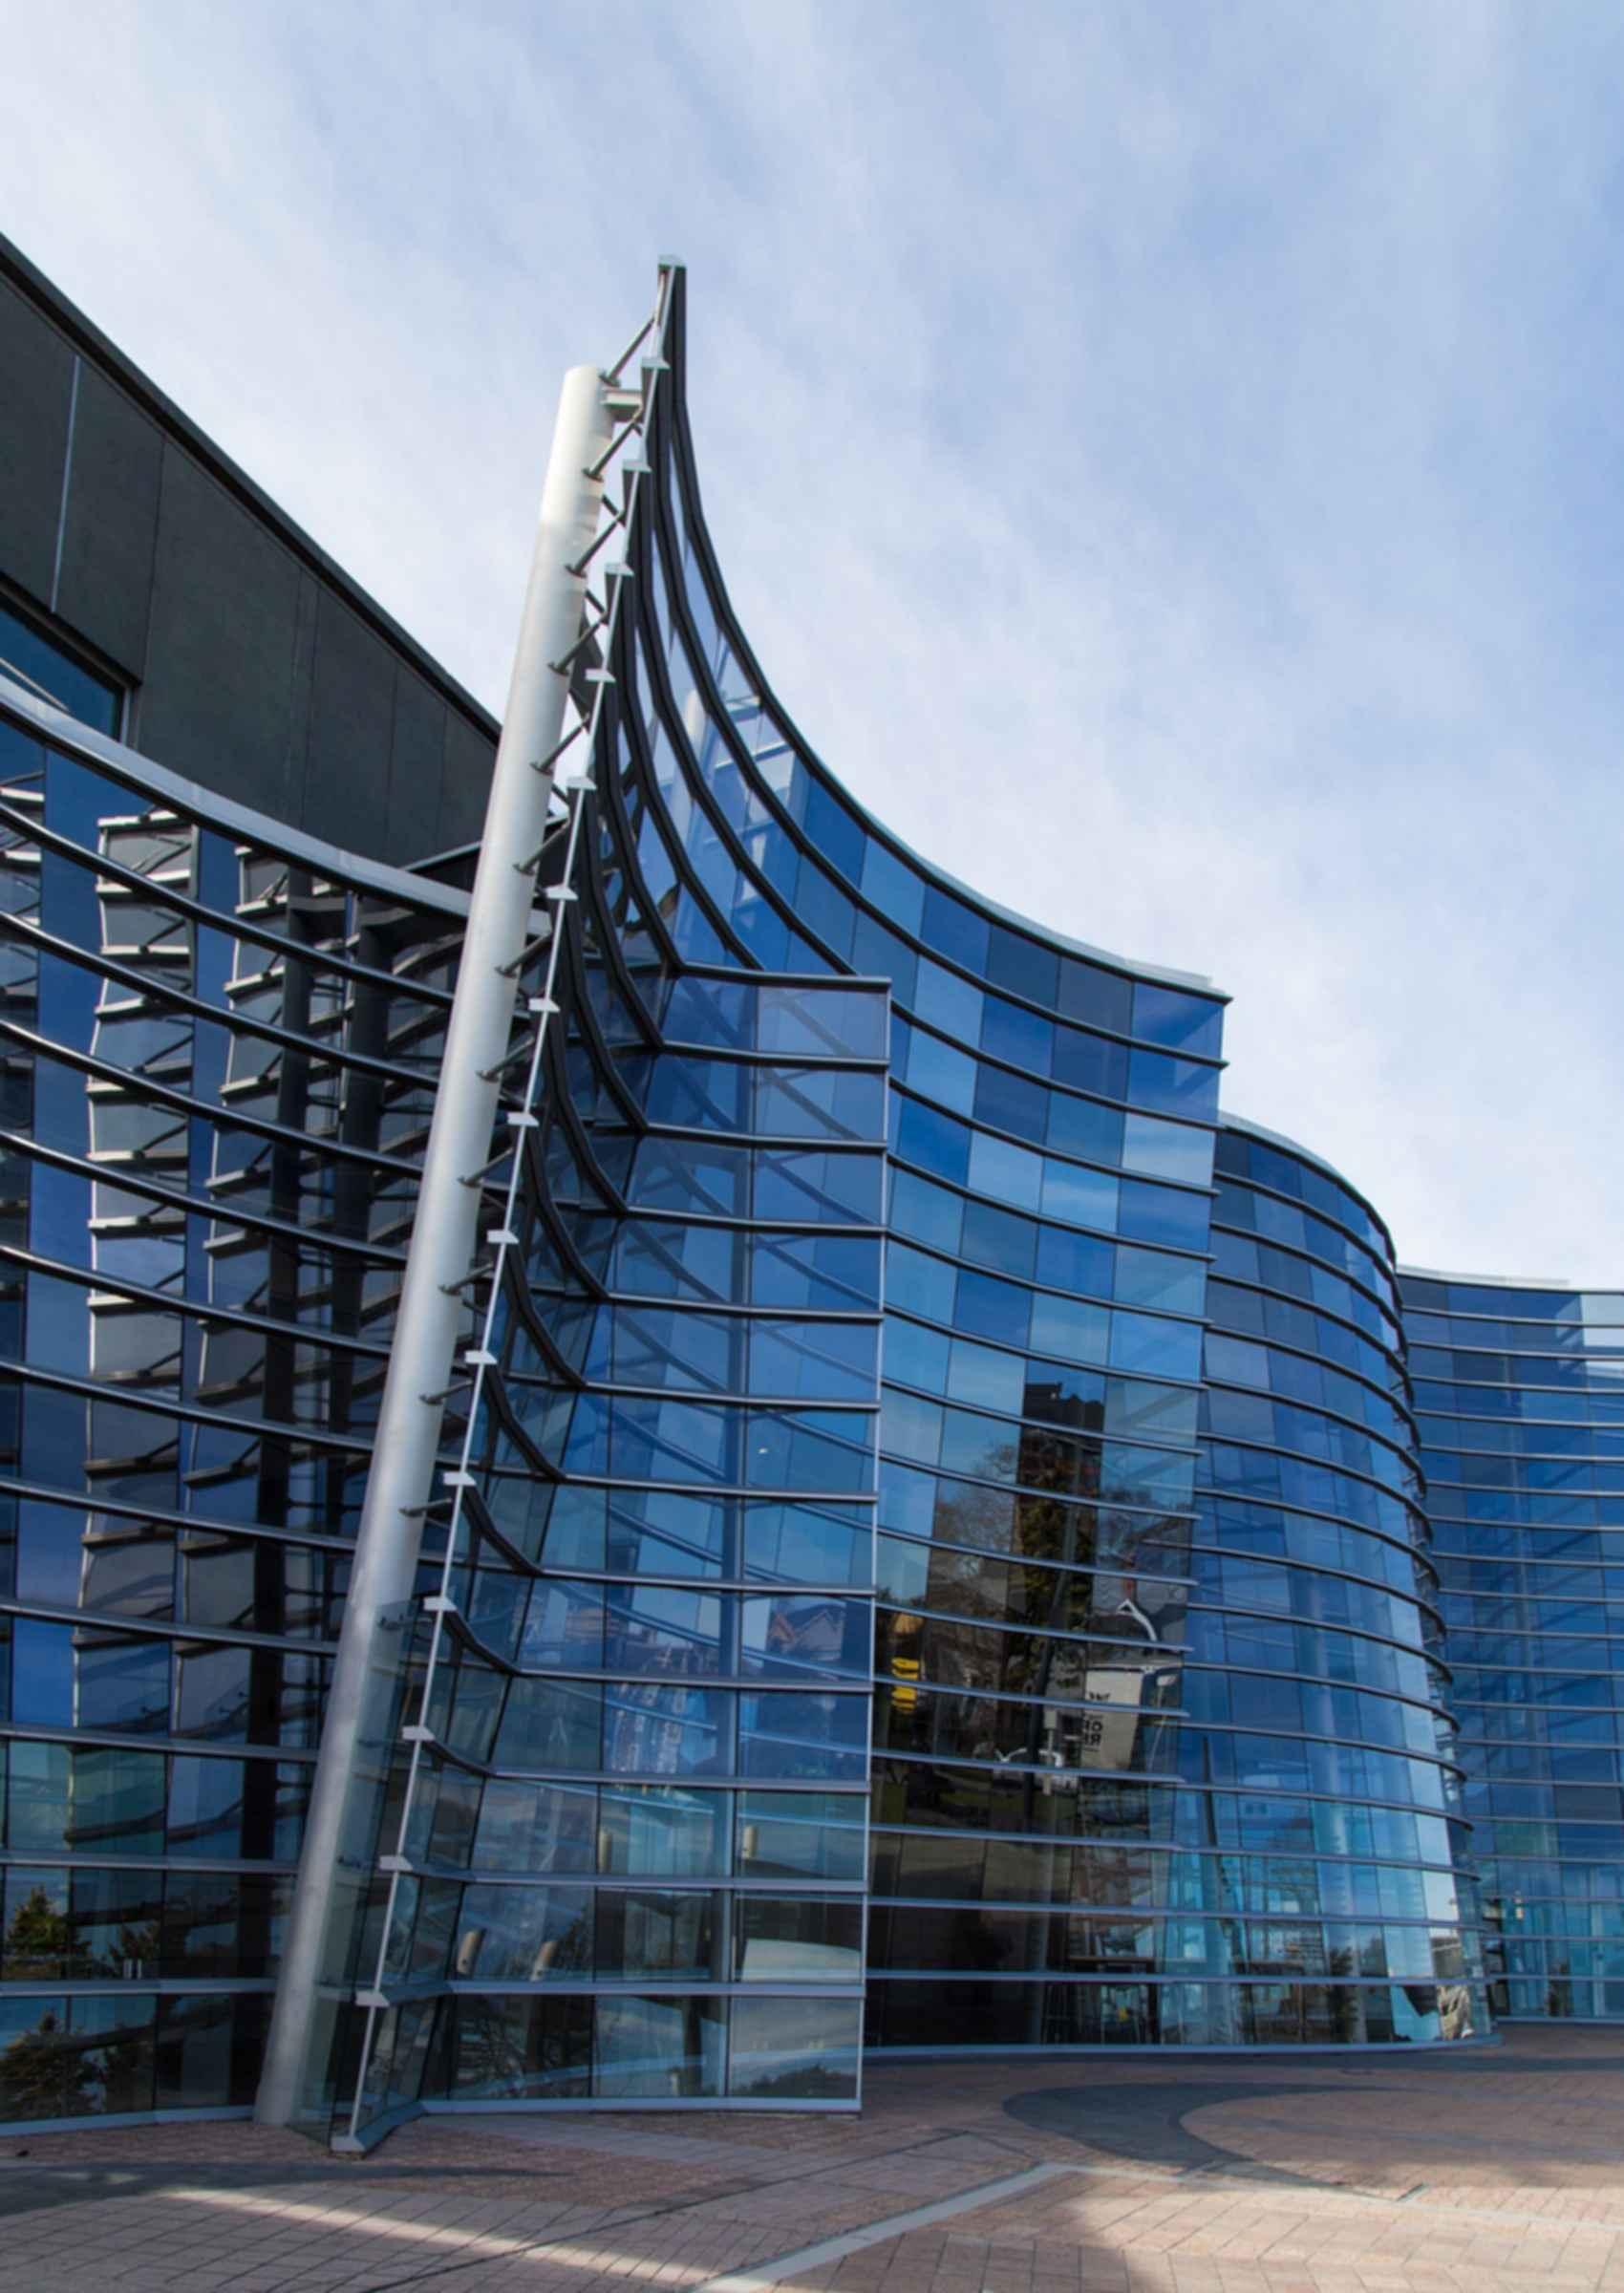 Christchurch Art Gallery - Exterior